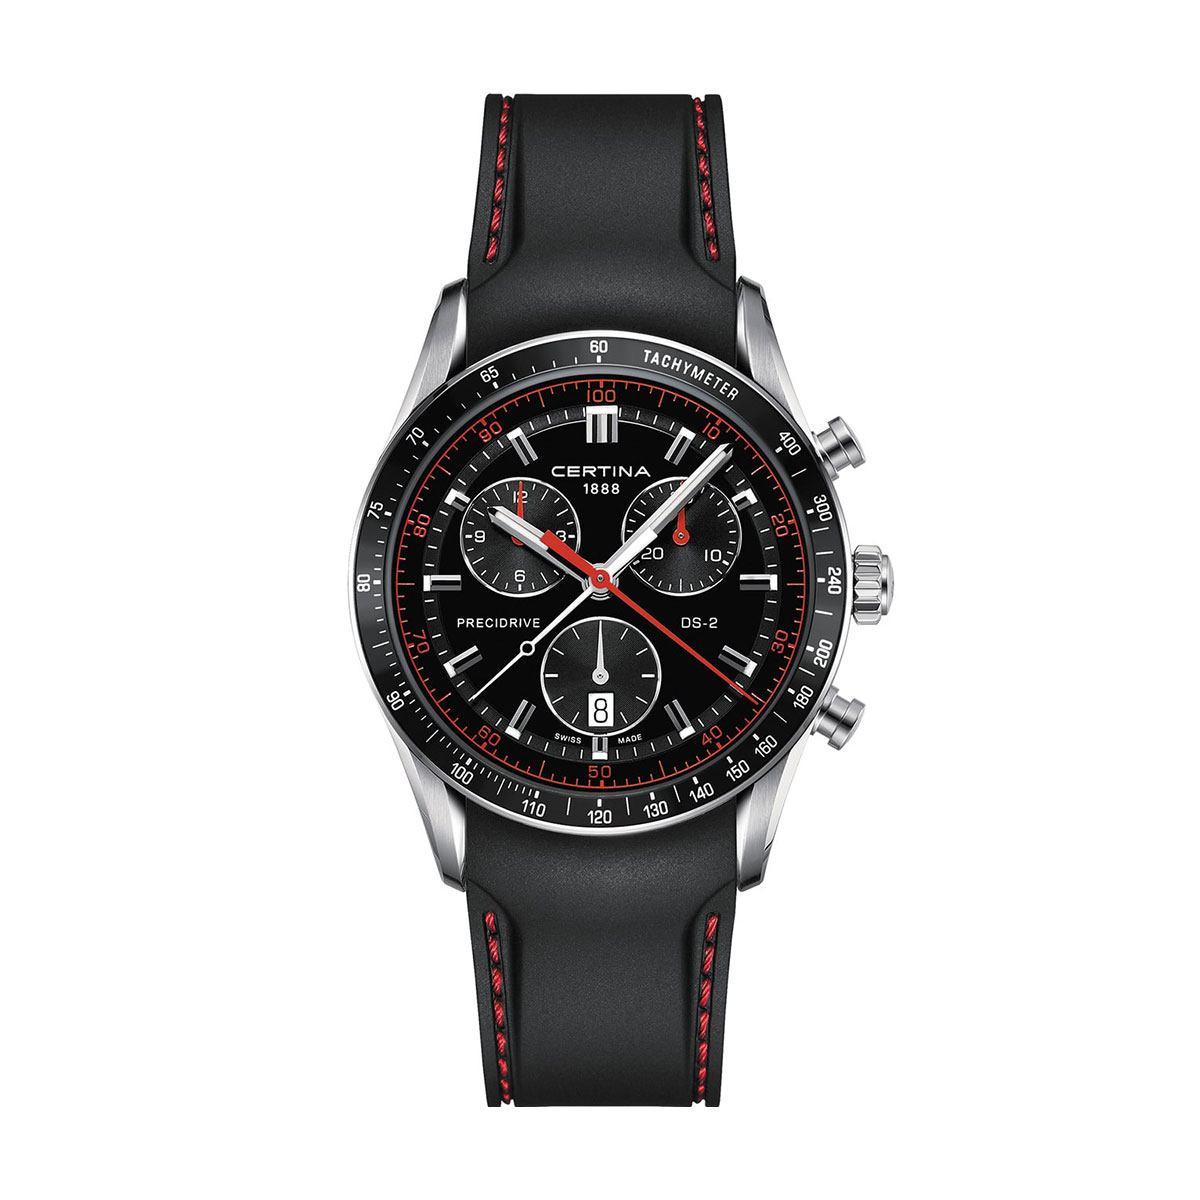 Часовник Certina C024.447.17.051.03